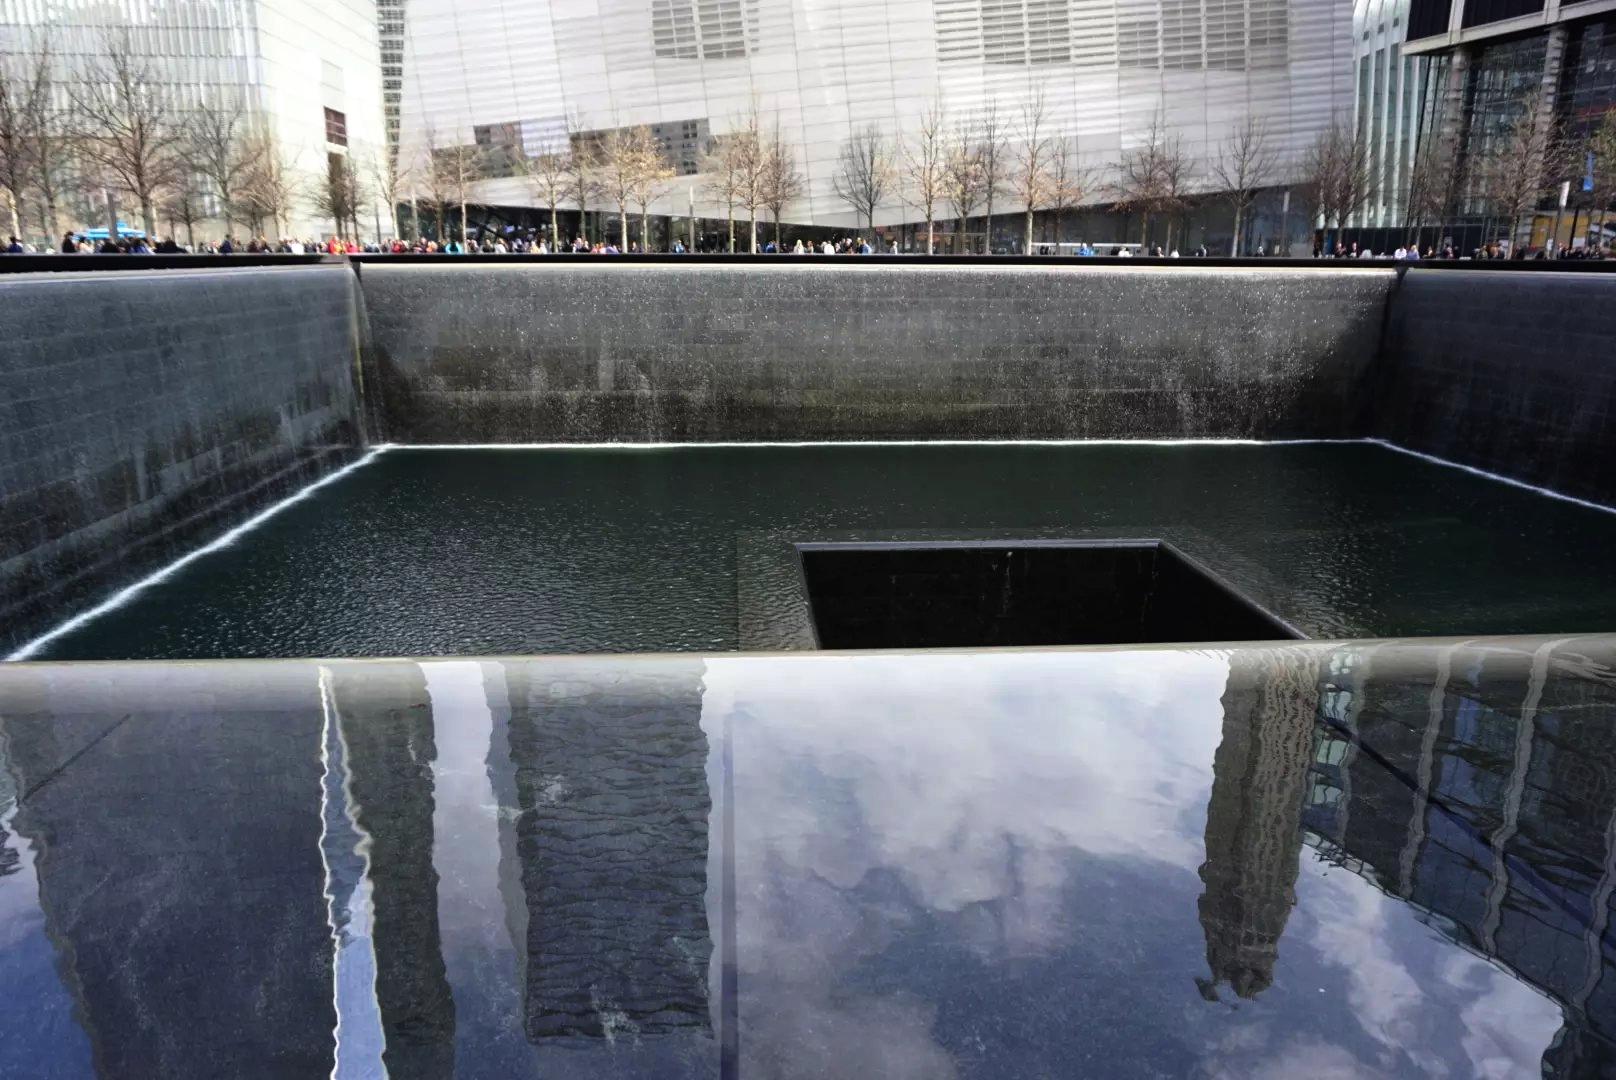 Saturday April 15th 2017. 9/11 Memorial